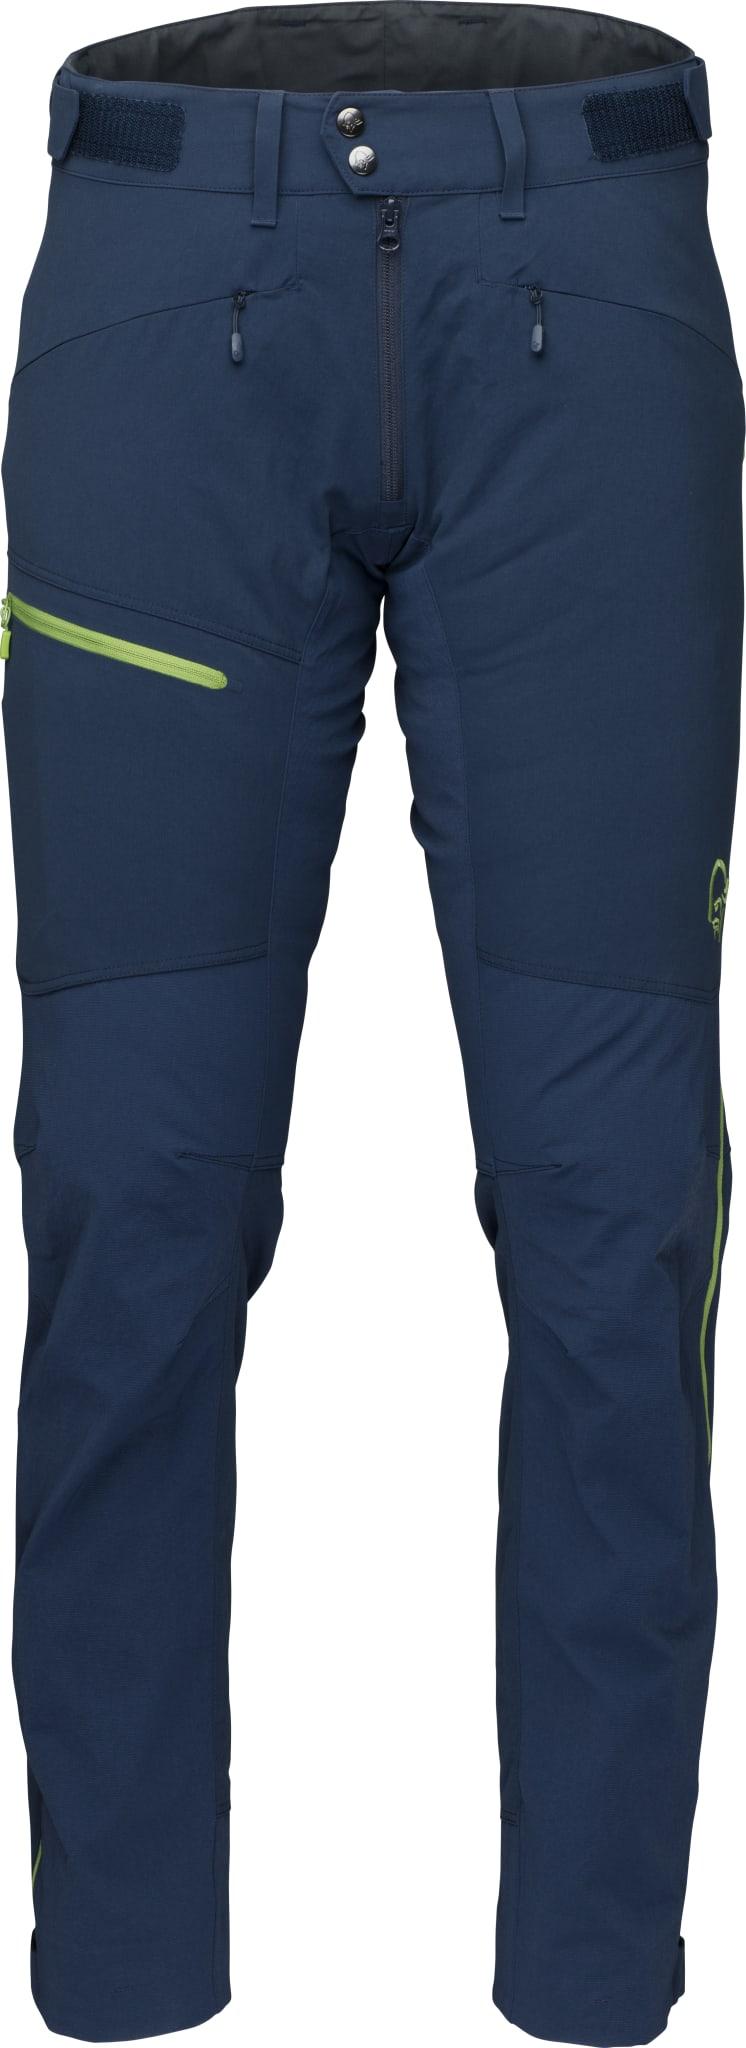 Falketind Flex1 Heavy Duty Pants